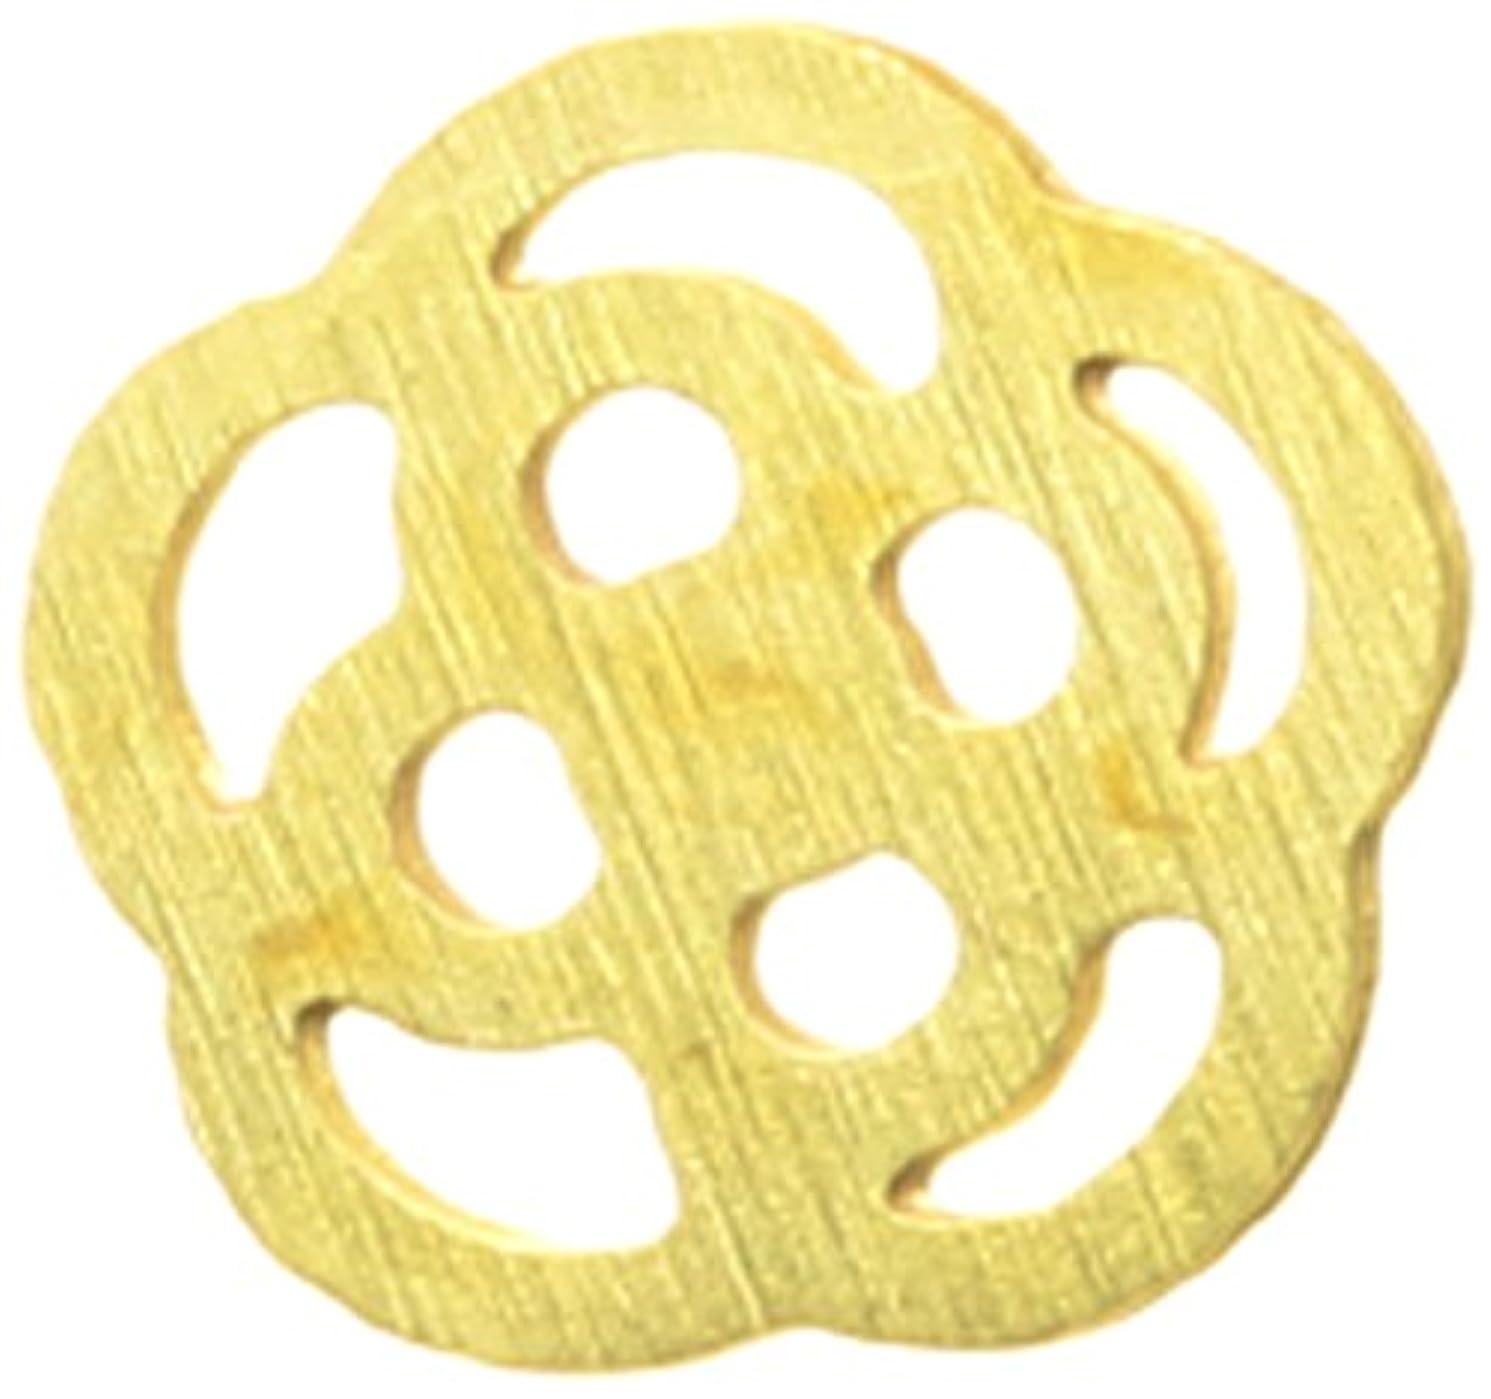 恐ろしいベルトエンジニアメタルプレート(ネイルストーン デコ) カメリア(30個入り) ゴールド(ネイル用品)